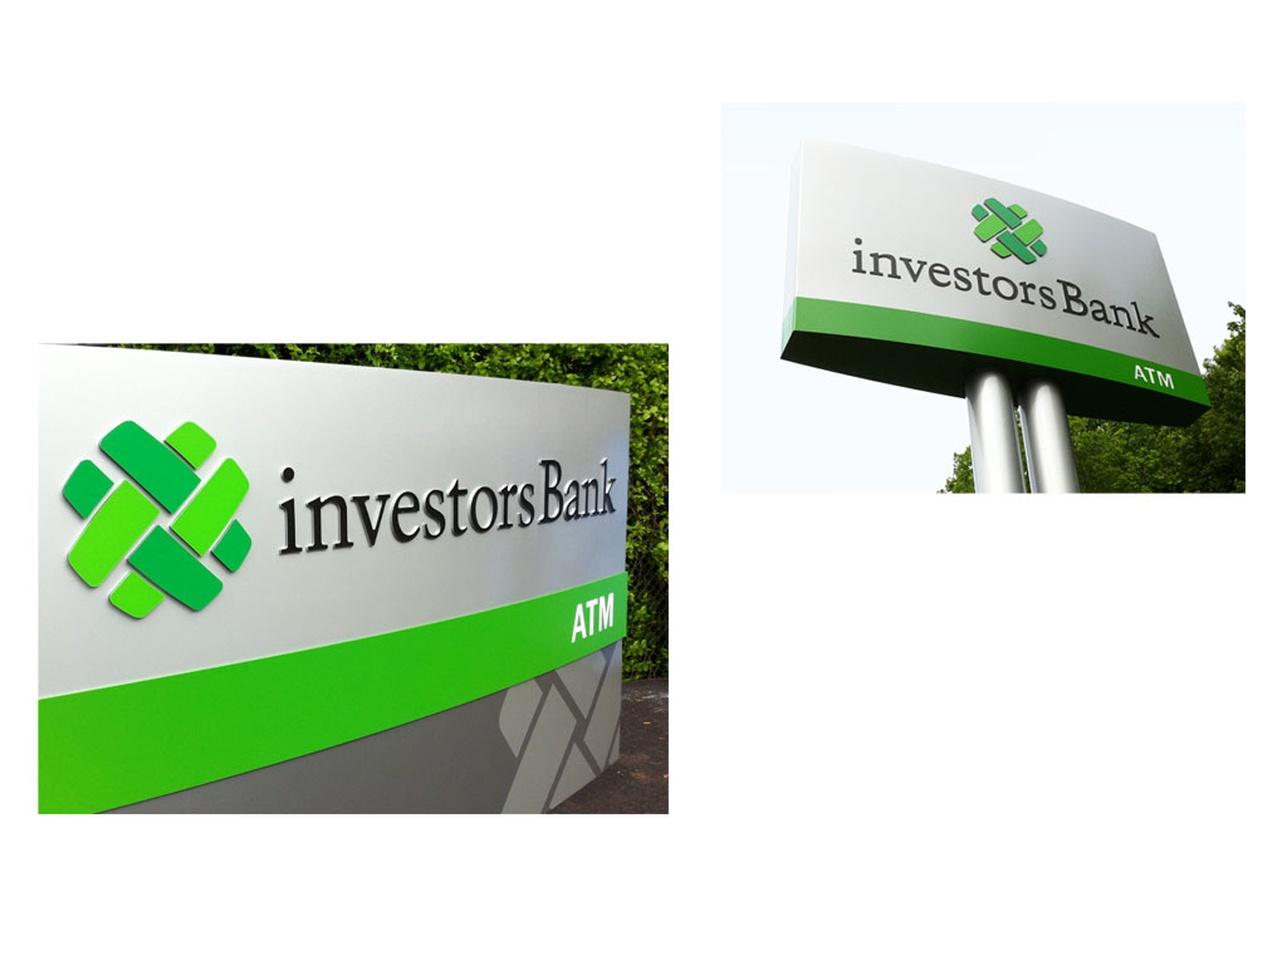 Investors Bank Rebranding Graphis